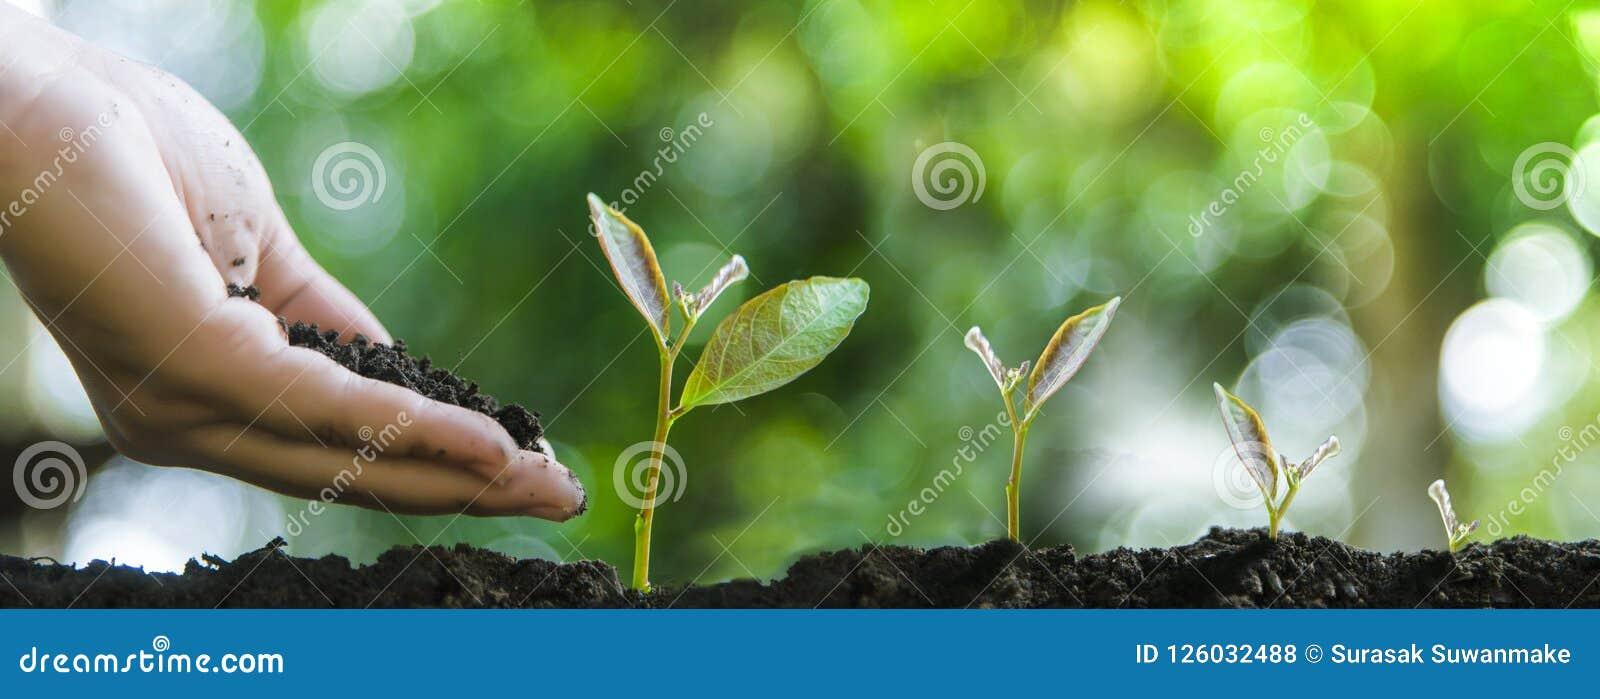 成长和环境保护树或者自然维护的生长树